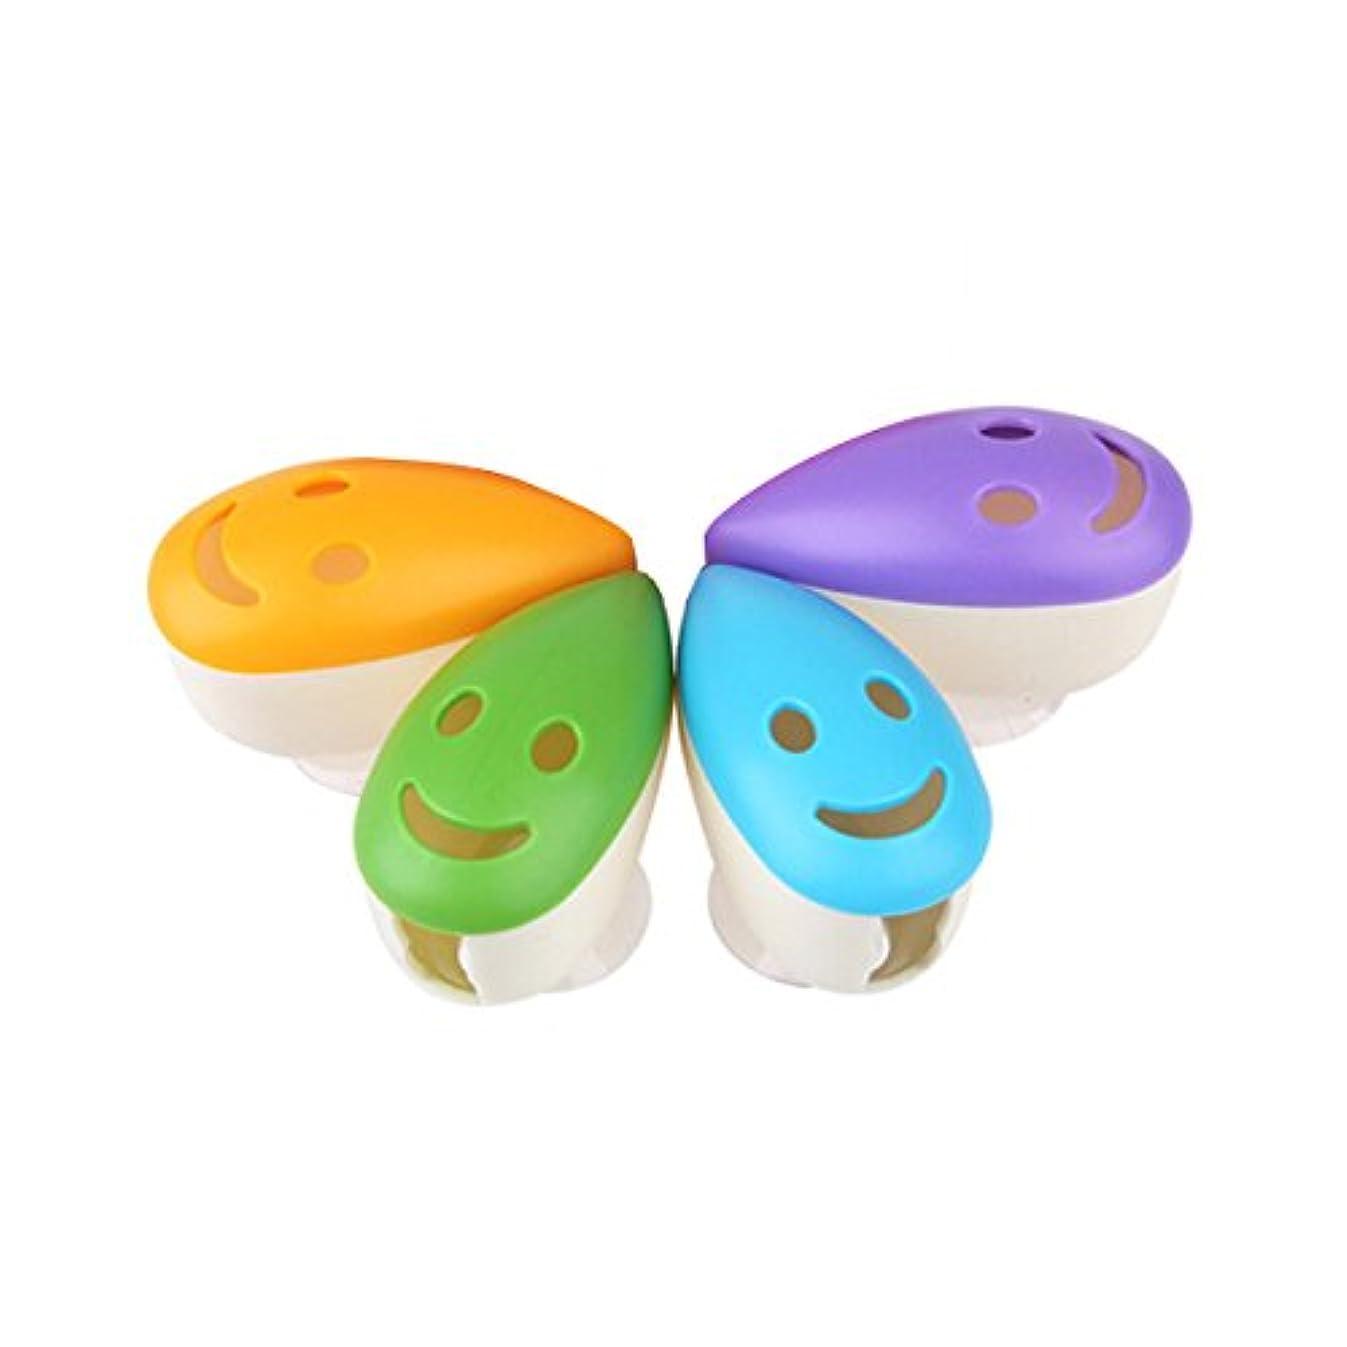 レギュラー小間寛解ROSENICE スマイルフェイス抗菌歯ブラシヘッドホルダーサクションカップ4本用